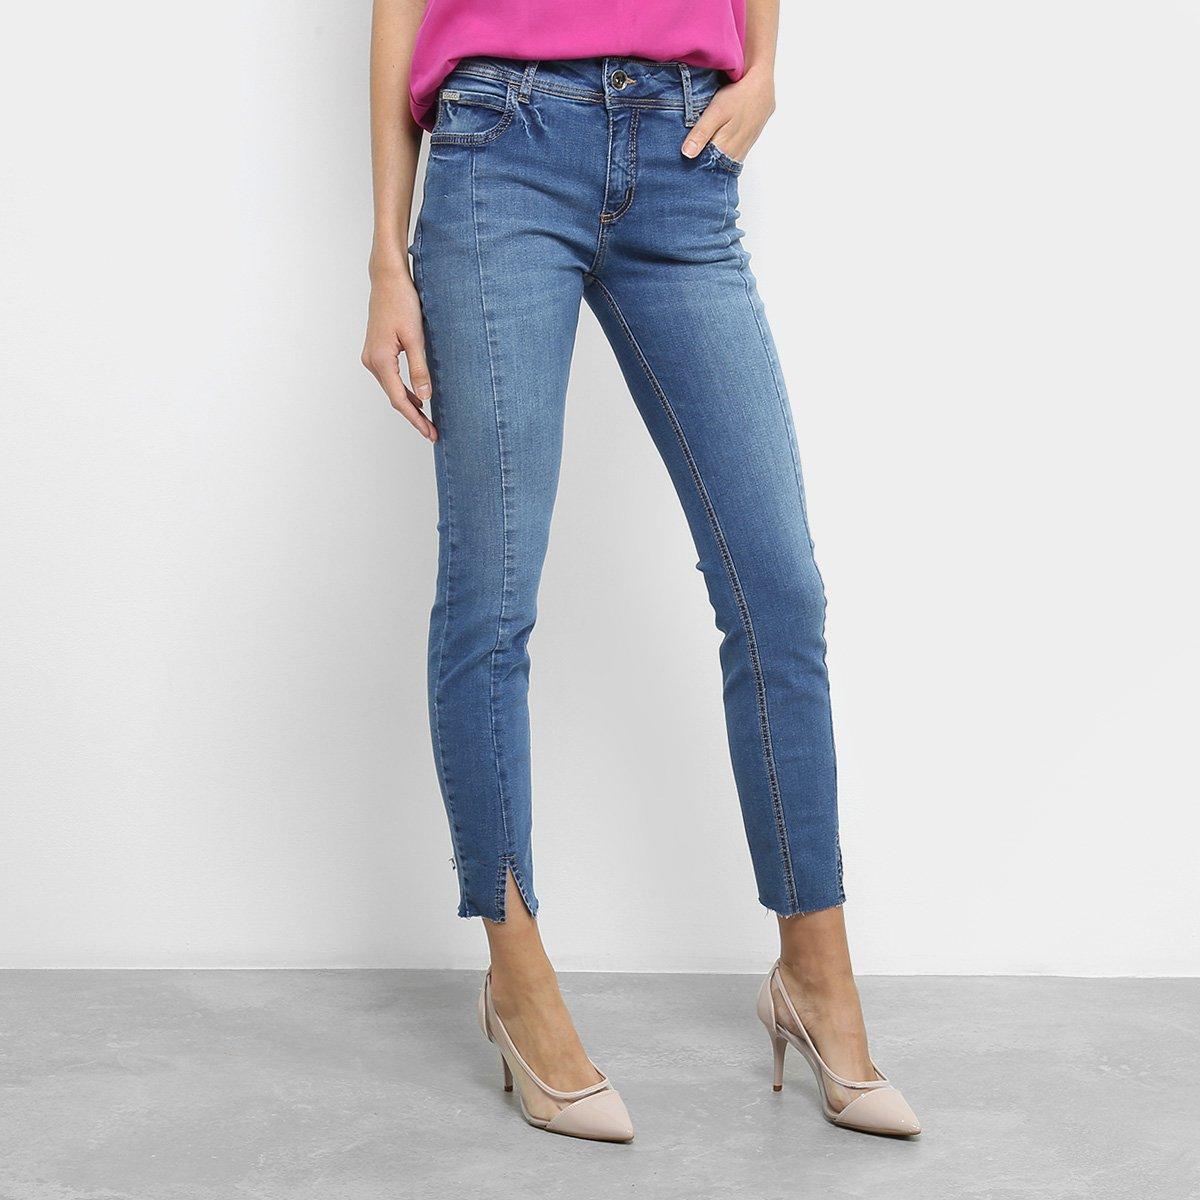 Calça Jeans Skinny Colcci Fátima Recortes Barra Fenda Desfiada Feminina -  Azul - Compre Agora  55ca665e865